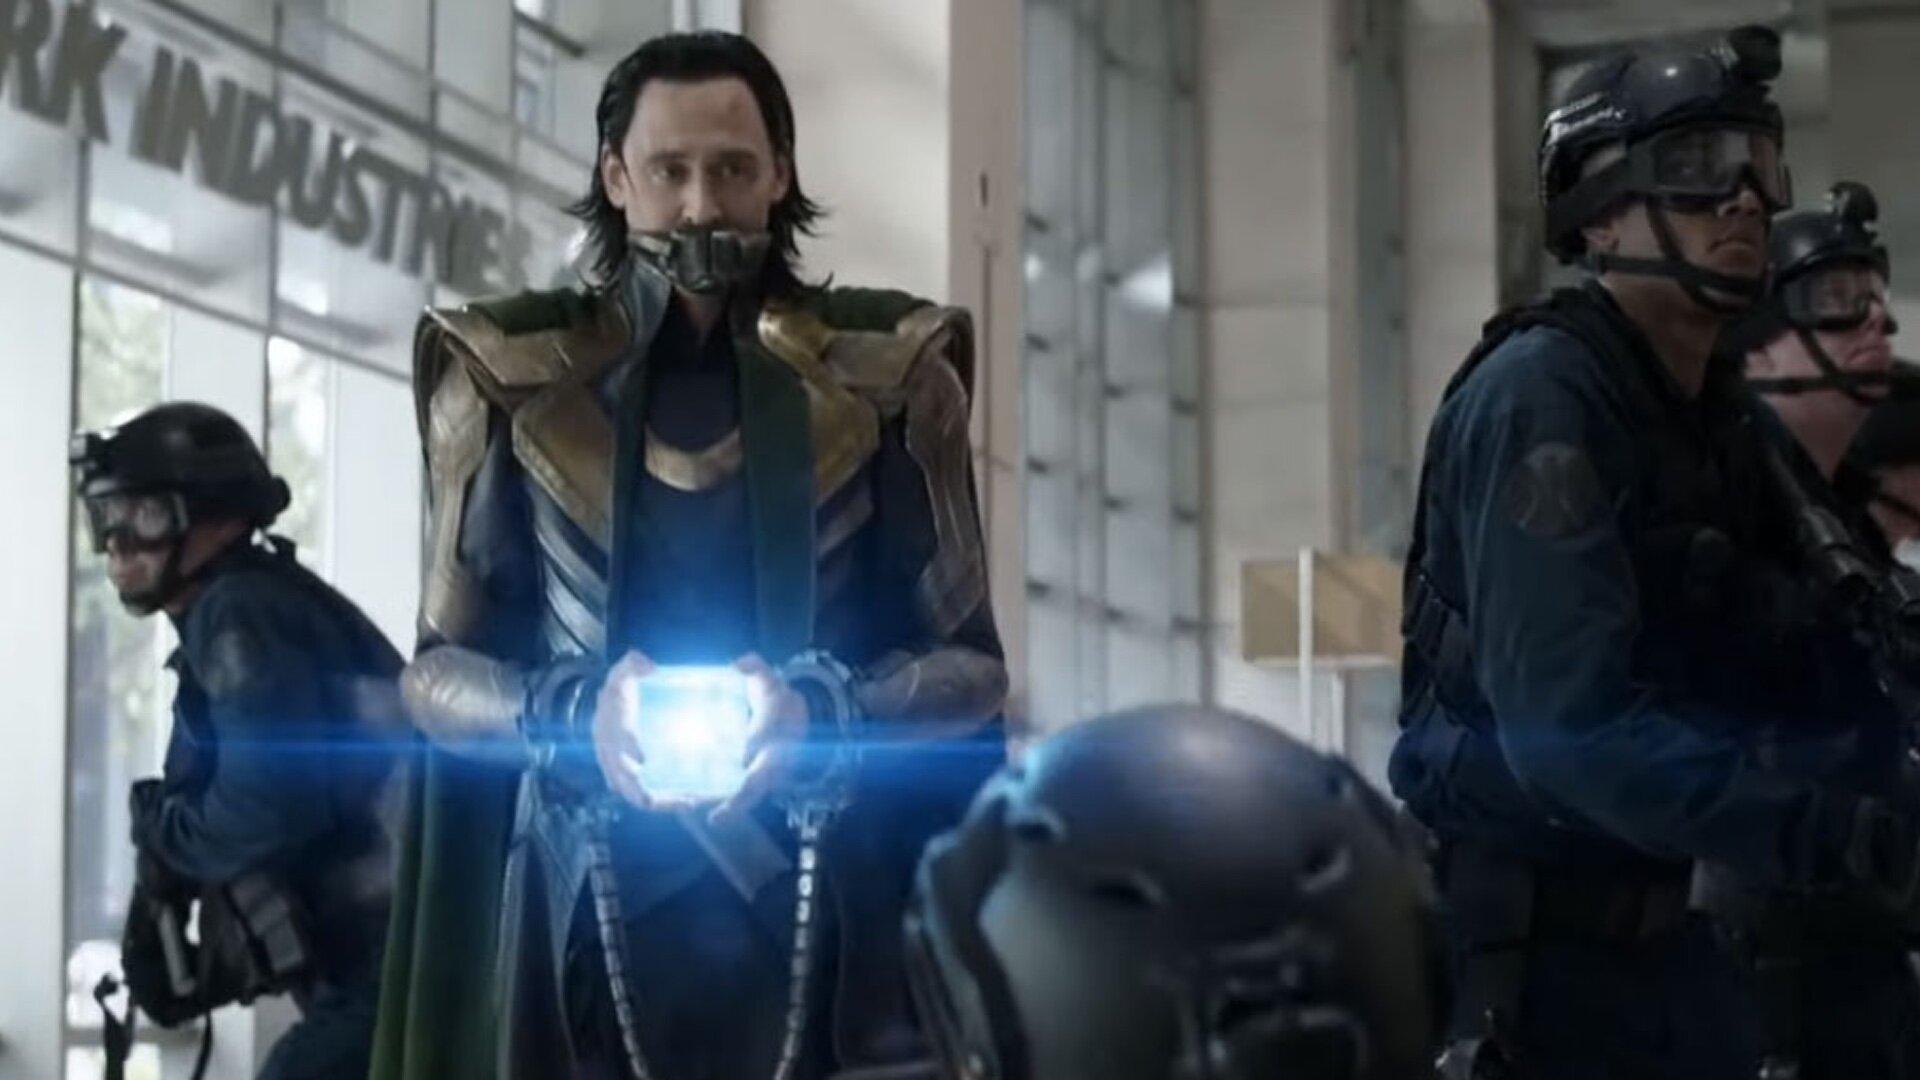 Loki Capítulo 1: Review, análisis y datos curiosos (Spoilers)